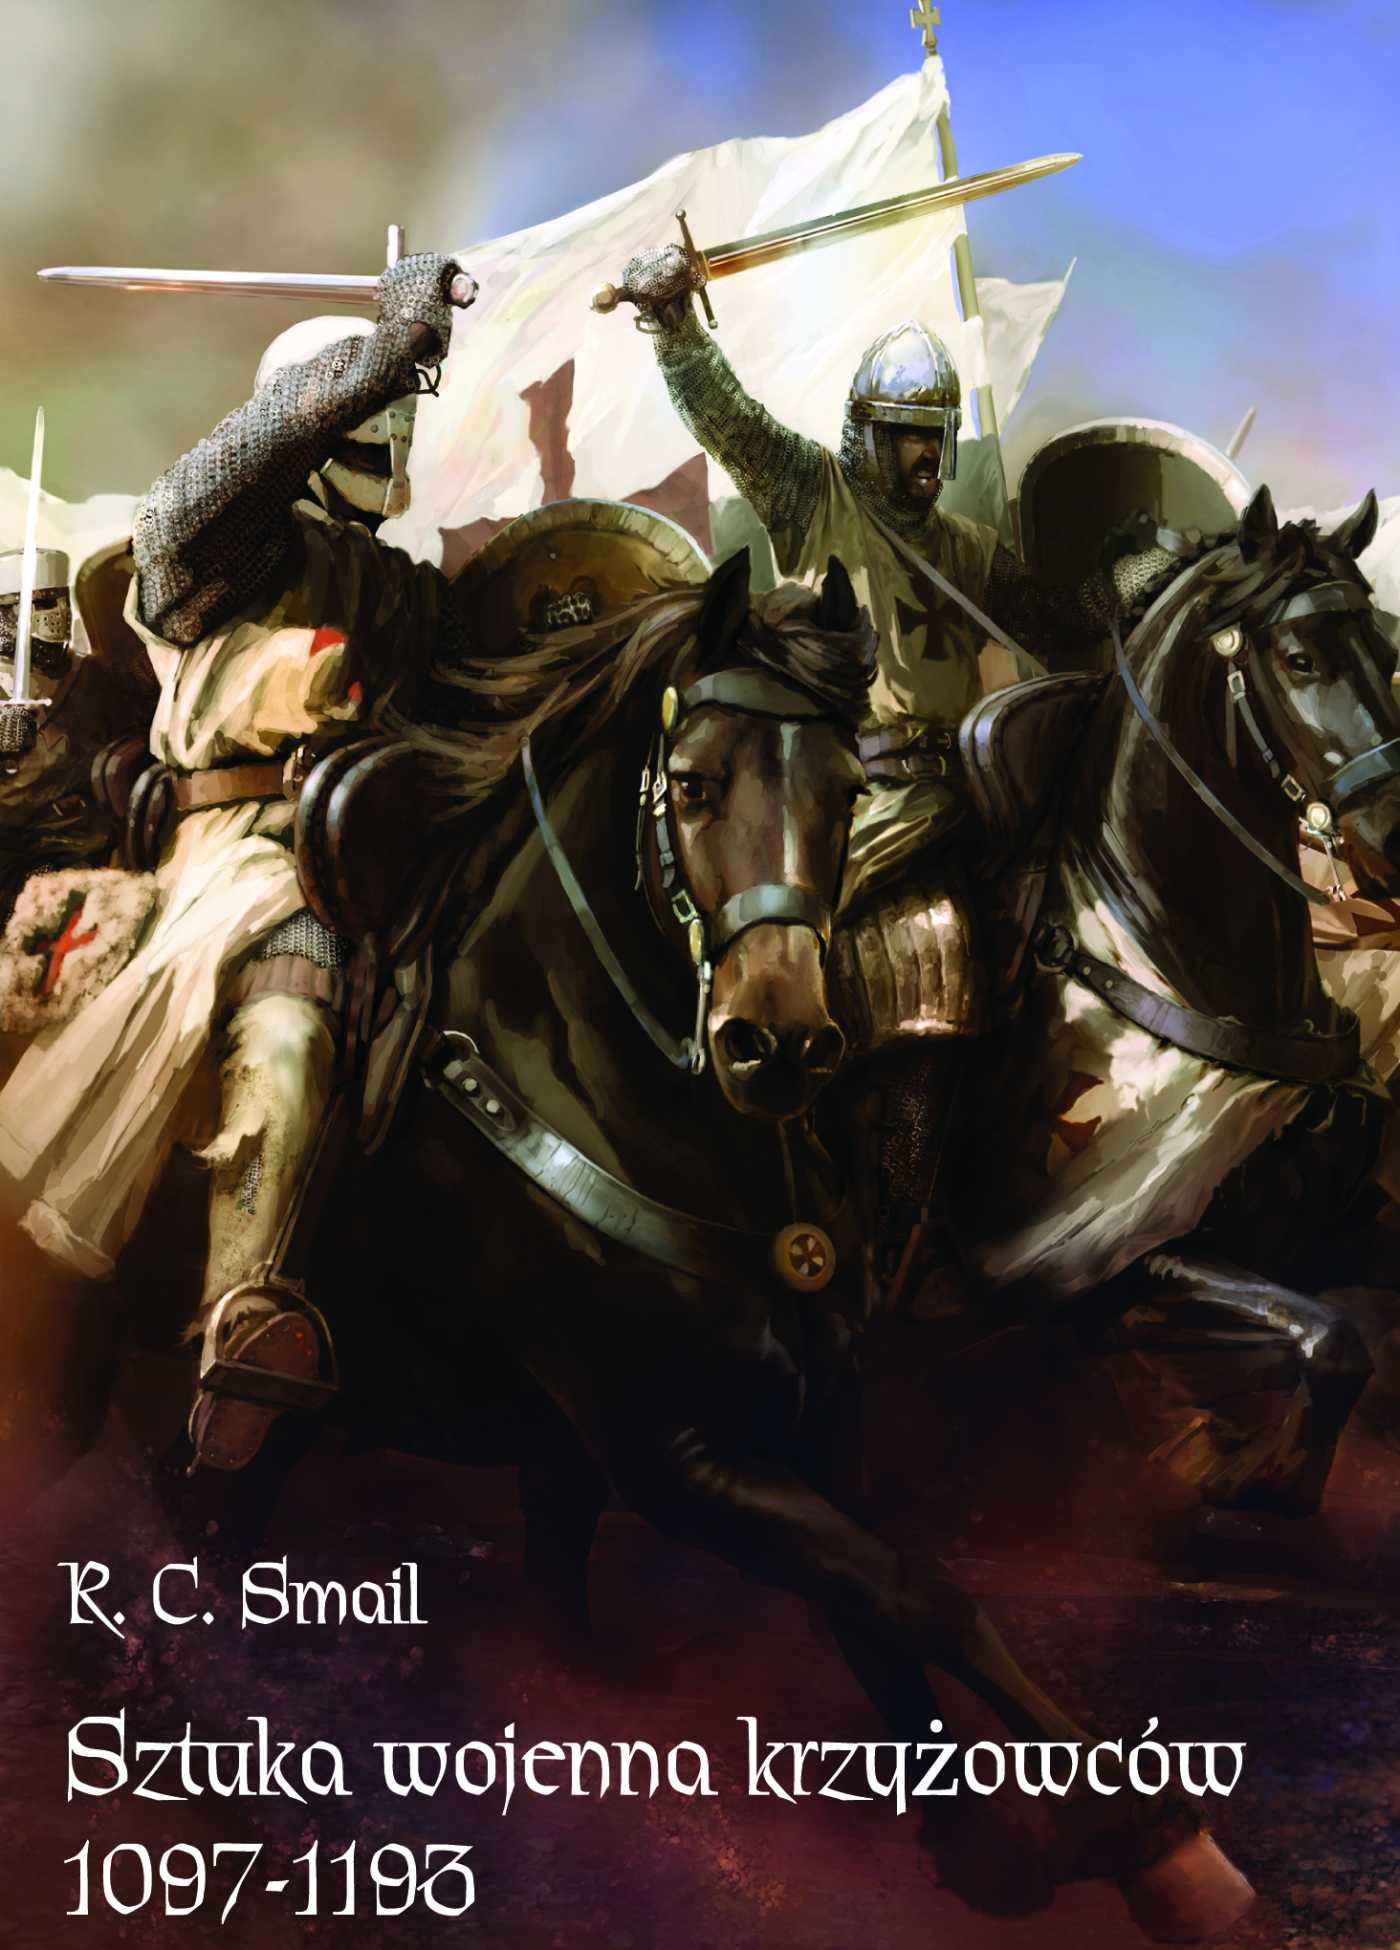 Sztuka wojenna krzyżowców 1097-1193 - Ebook (Książka EPUB) do pobrania w formacie EPUB